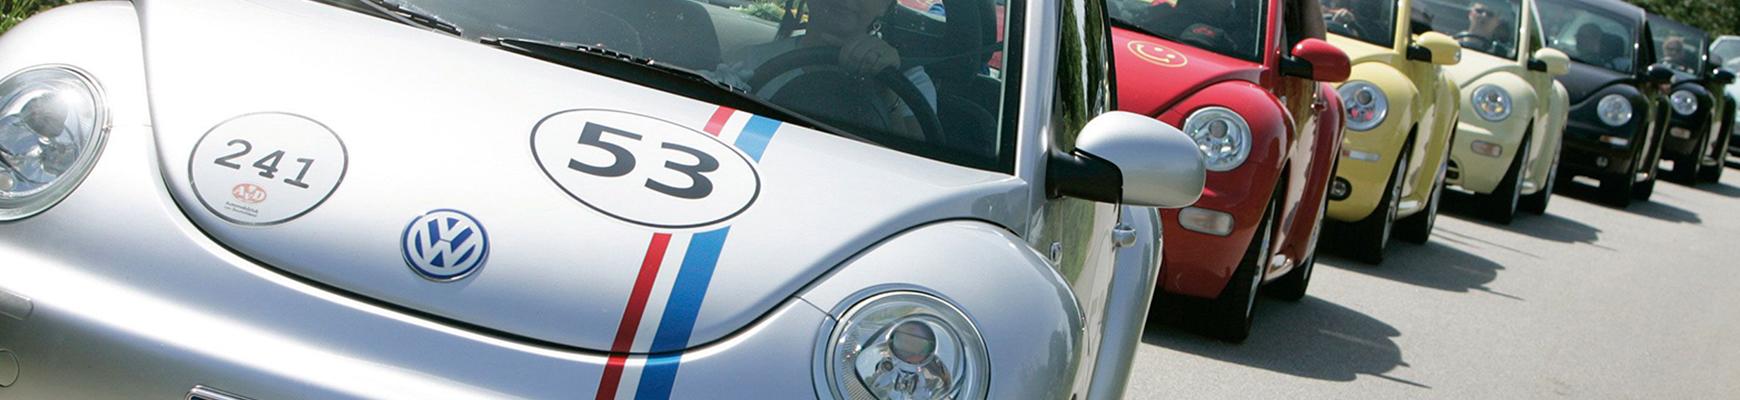 04_Volkswagen